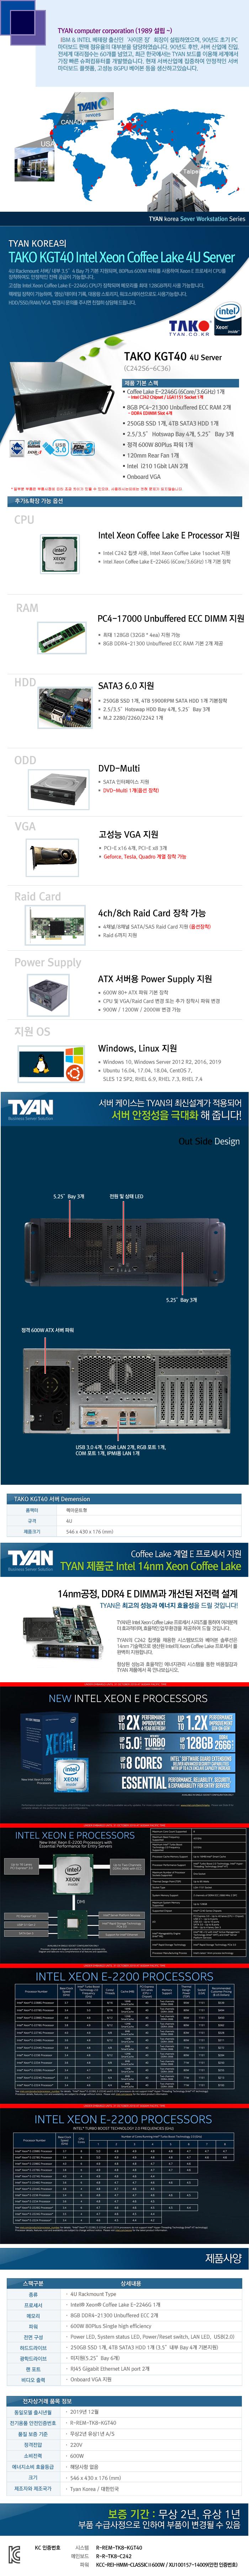 TYAN TAKO-KGT40-(C242S6-6C36) (16GB, SSD 250GB + 4TB)